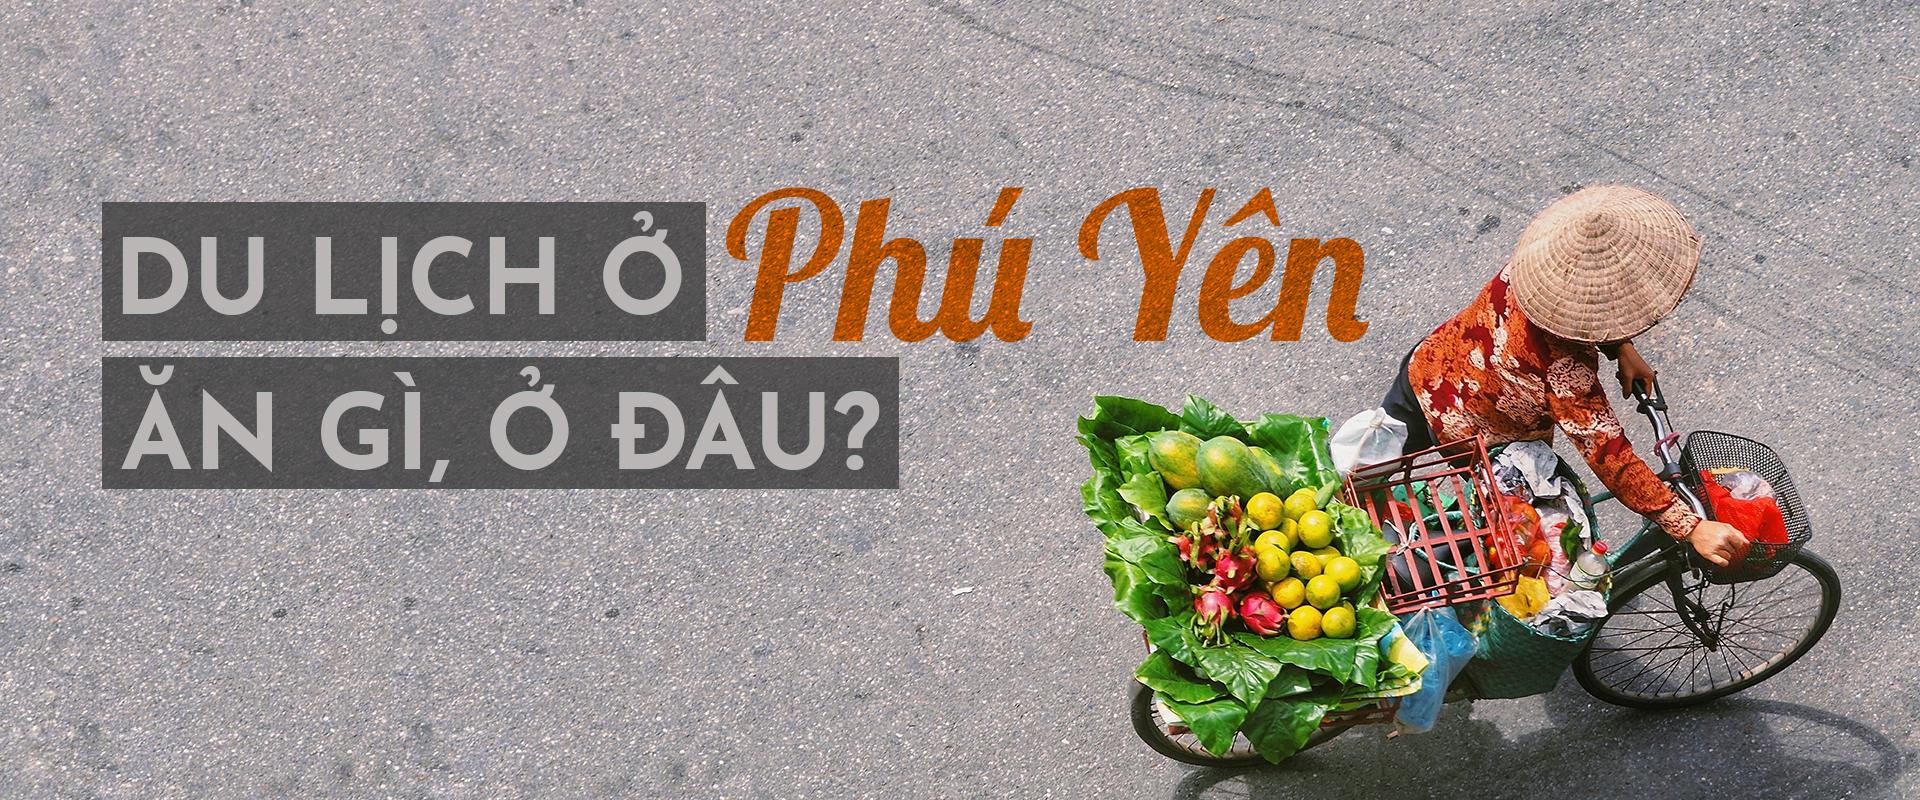 Du lịch ở Phú Yên: nên ăn gì, ở đâu?